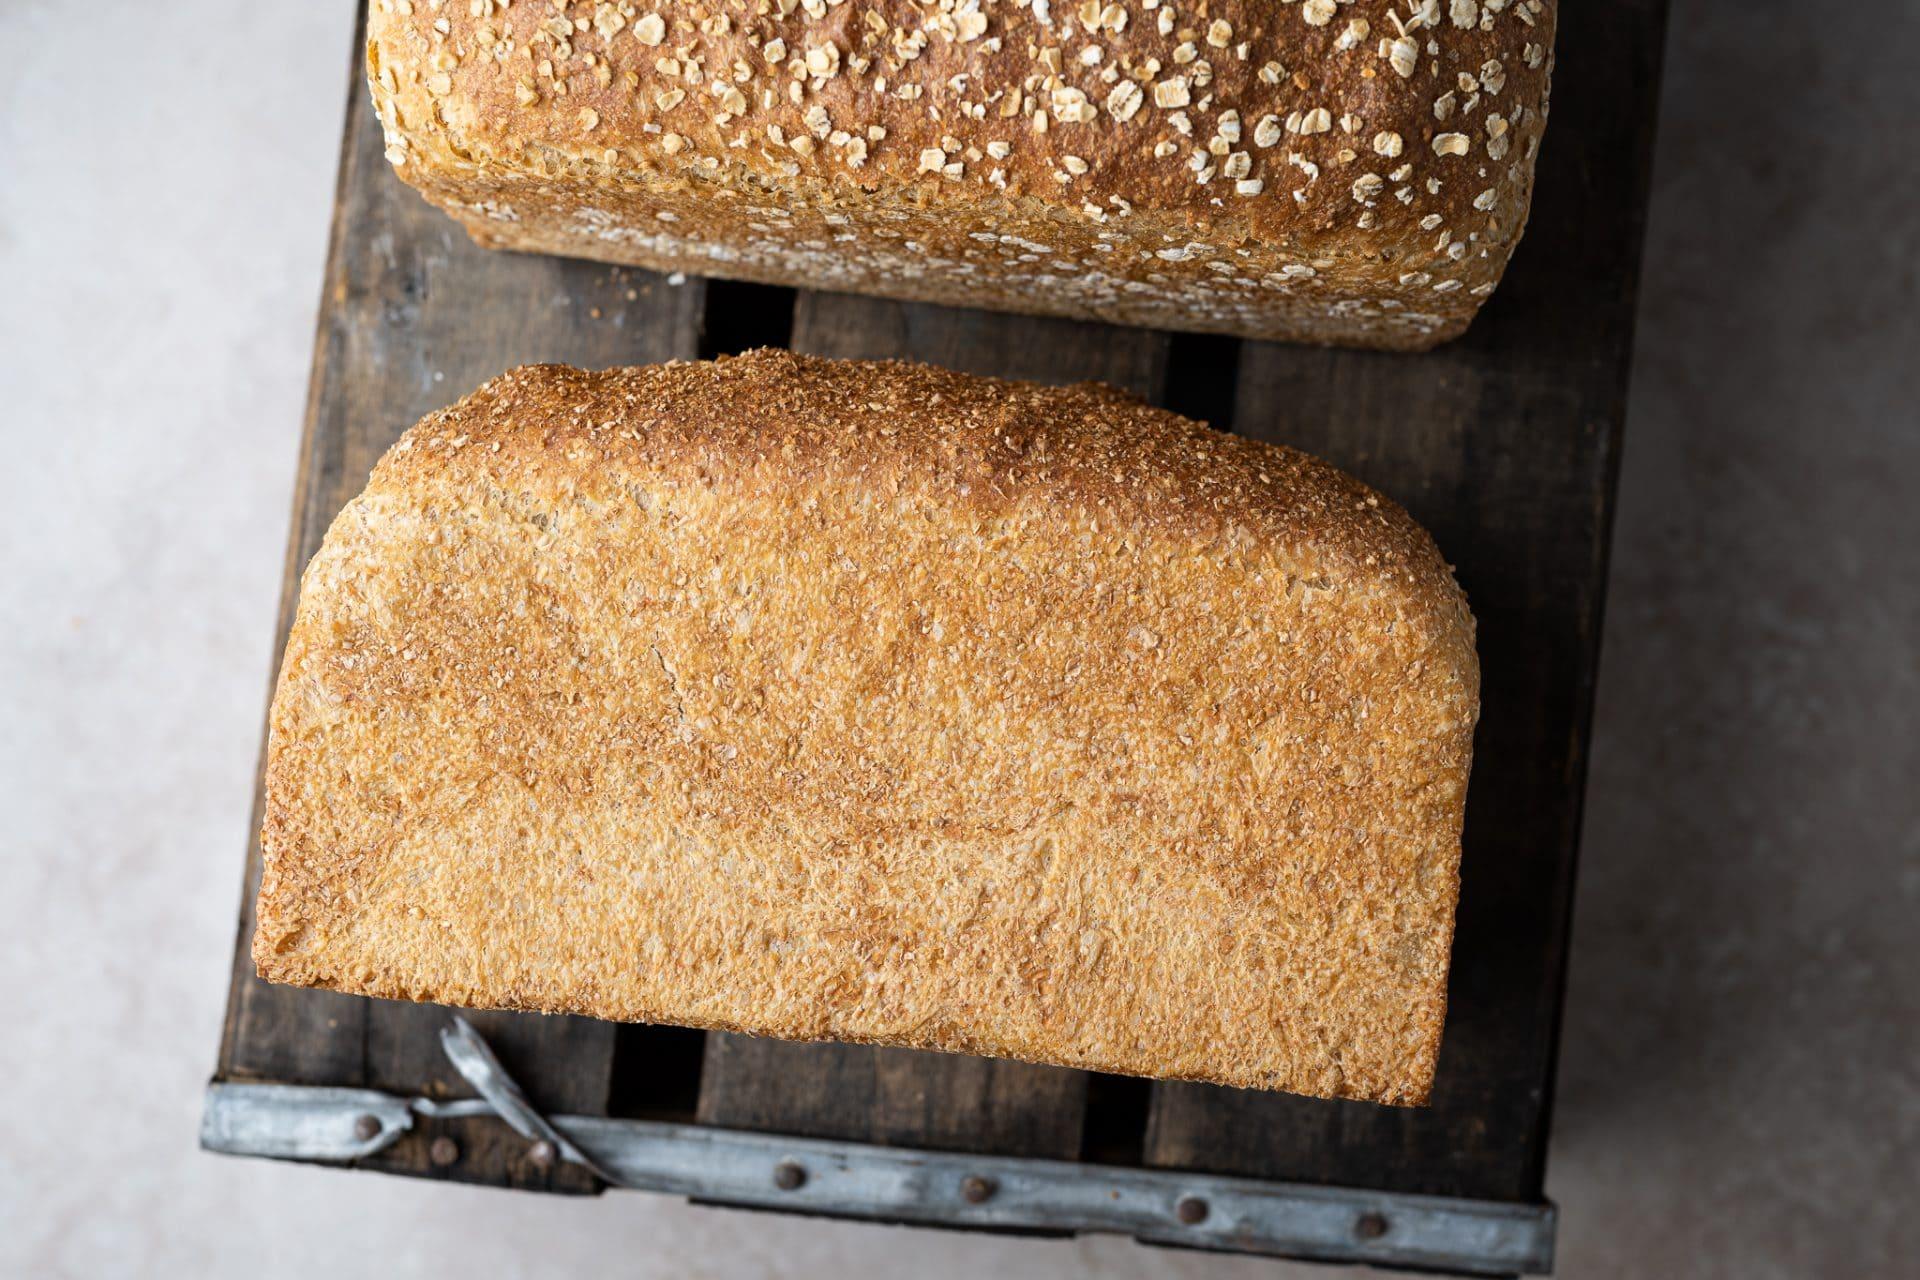 Sandwich bread crust